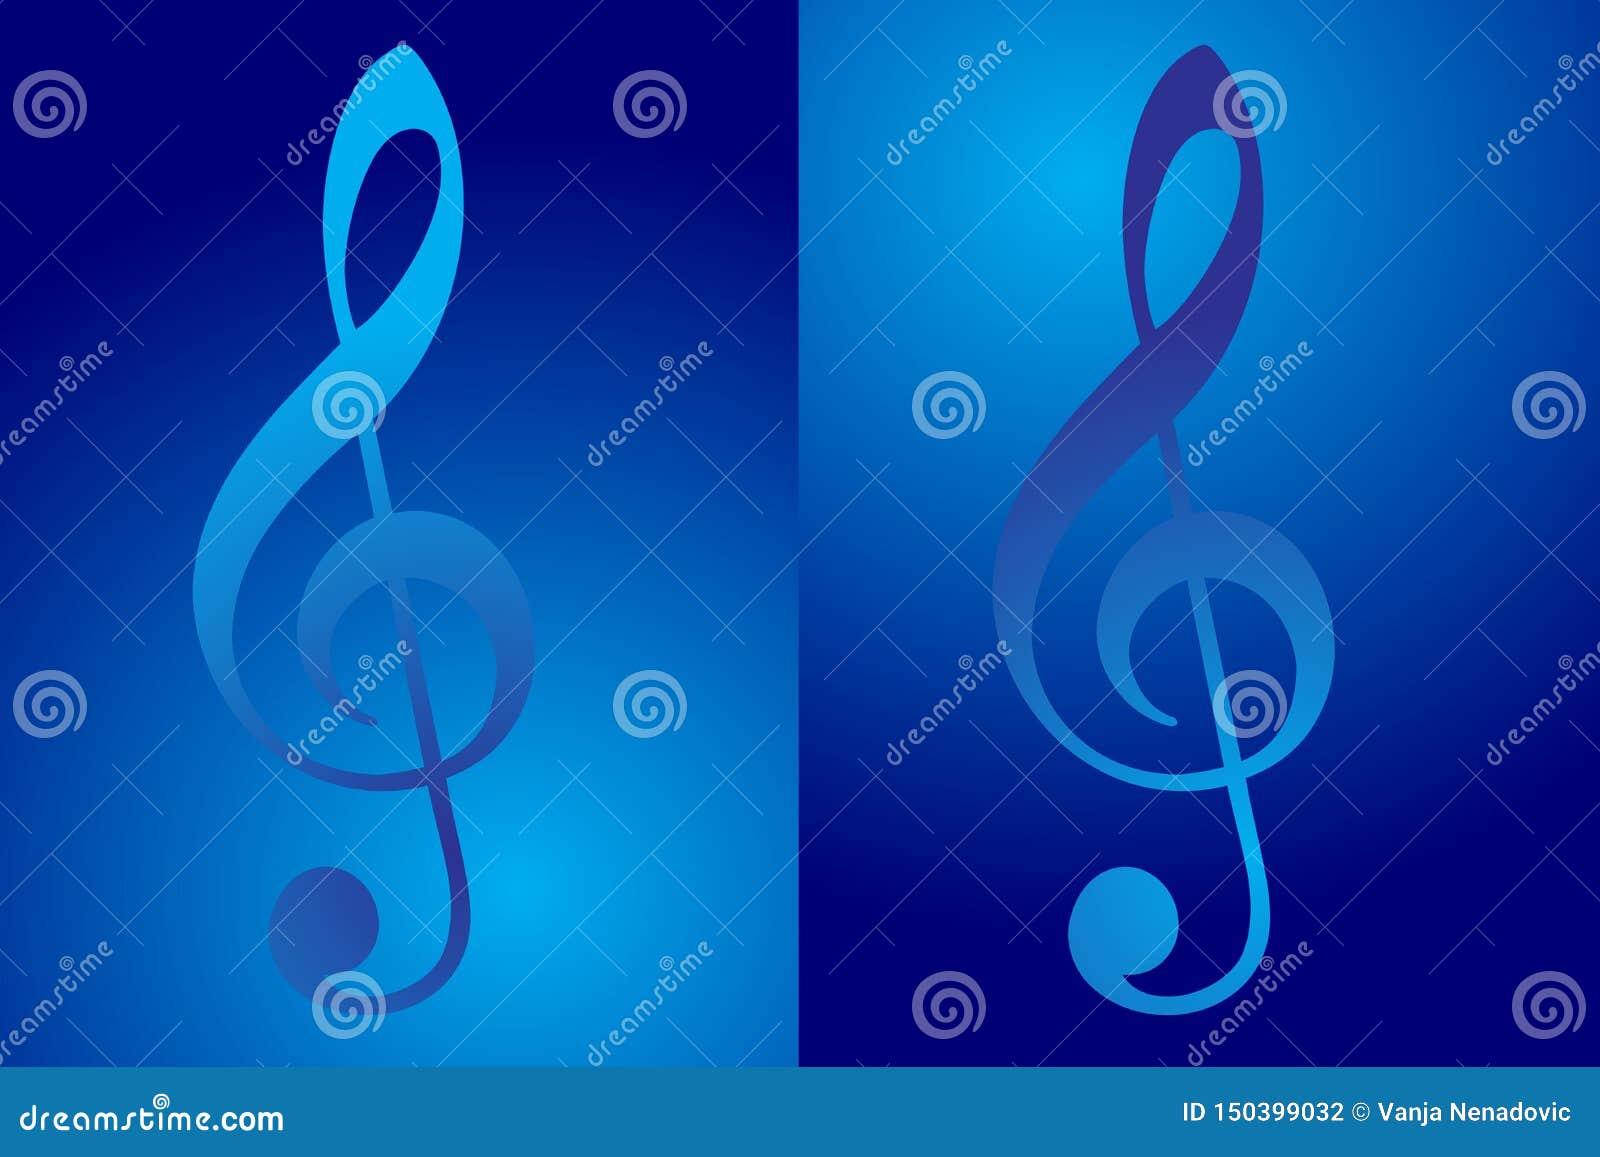 Τριπλό εικονίδιο clef, σημείωση μουσικής στο μπλε χρώμα